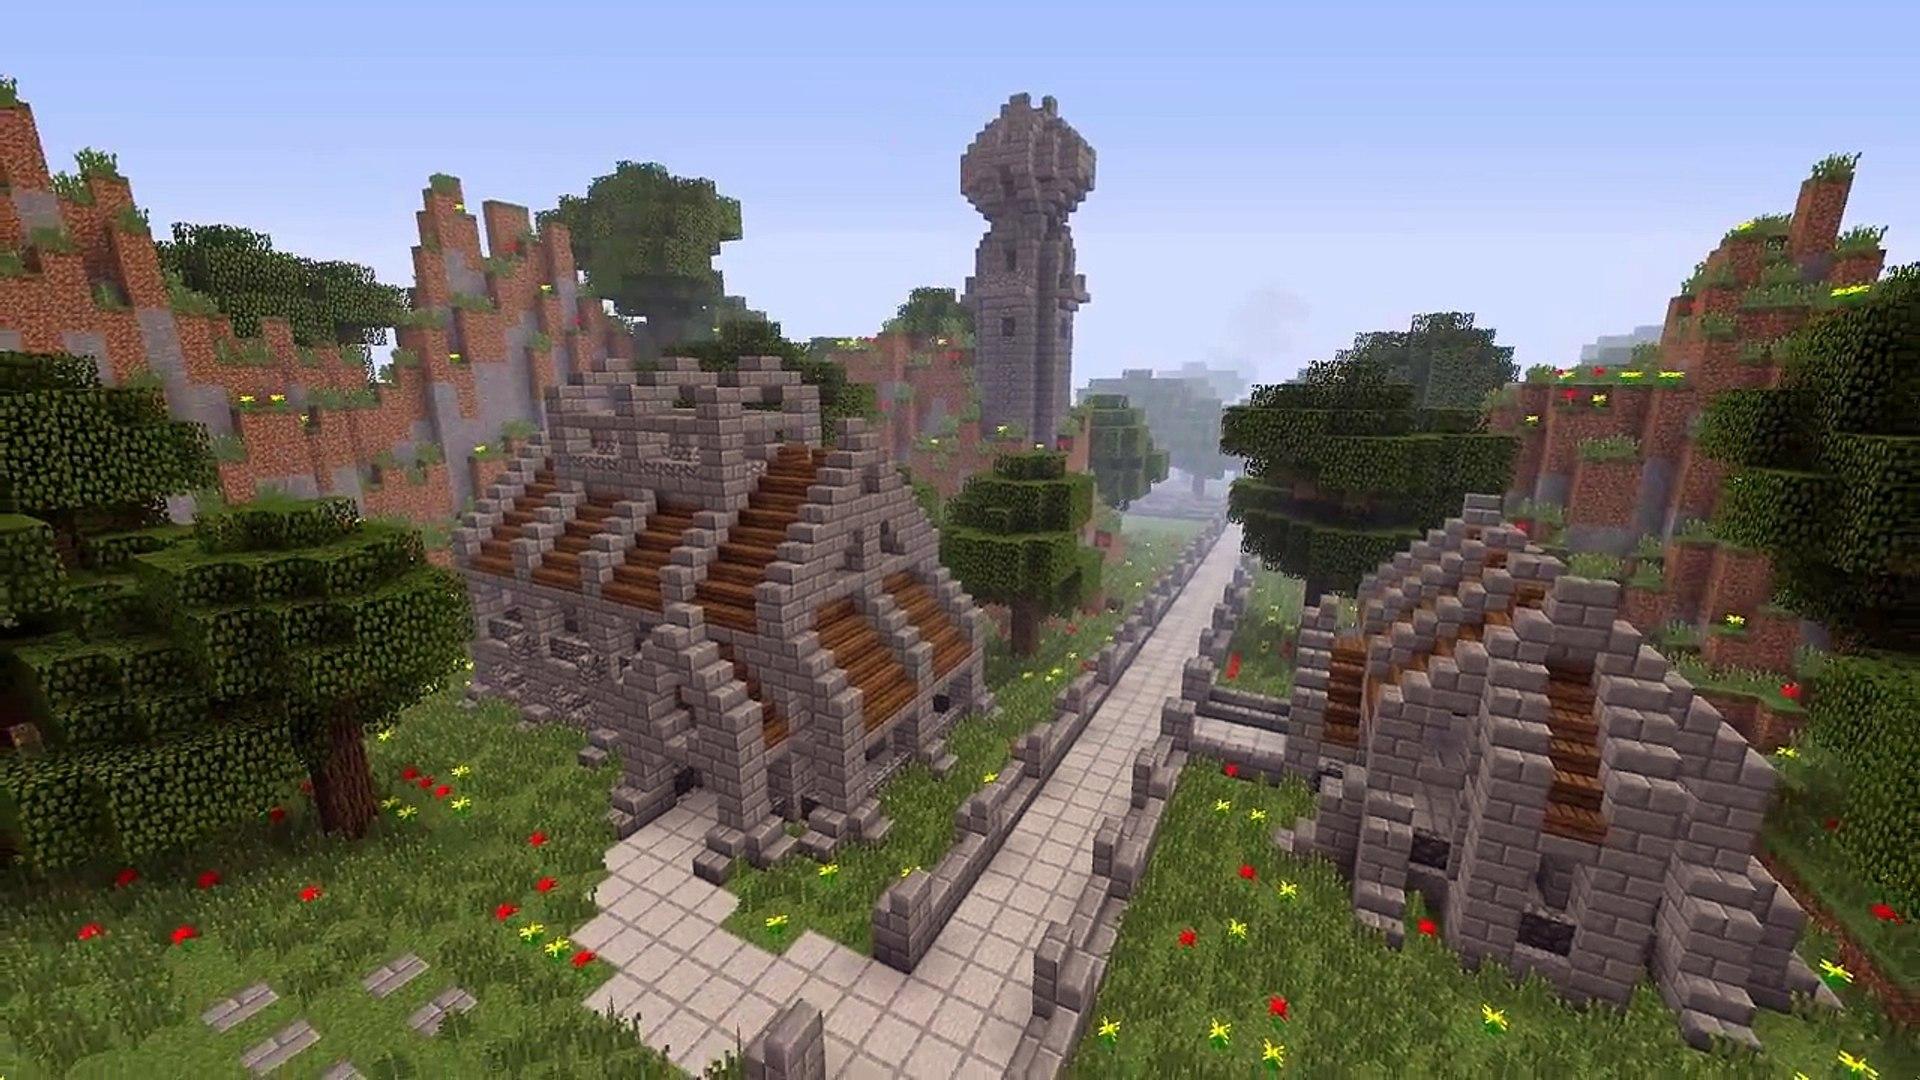 Dwarven Tutorials: Small House